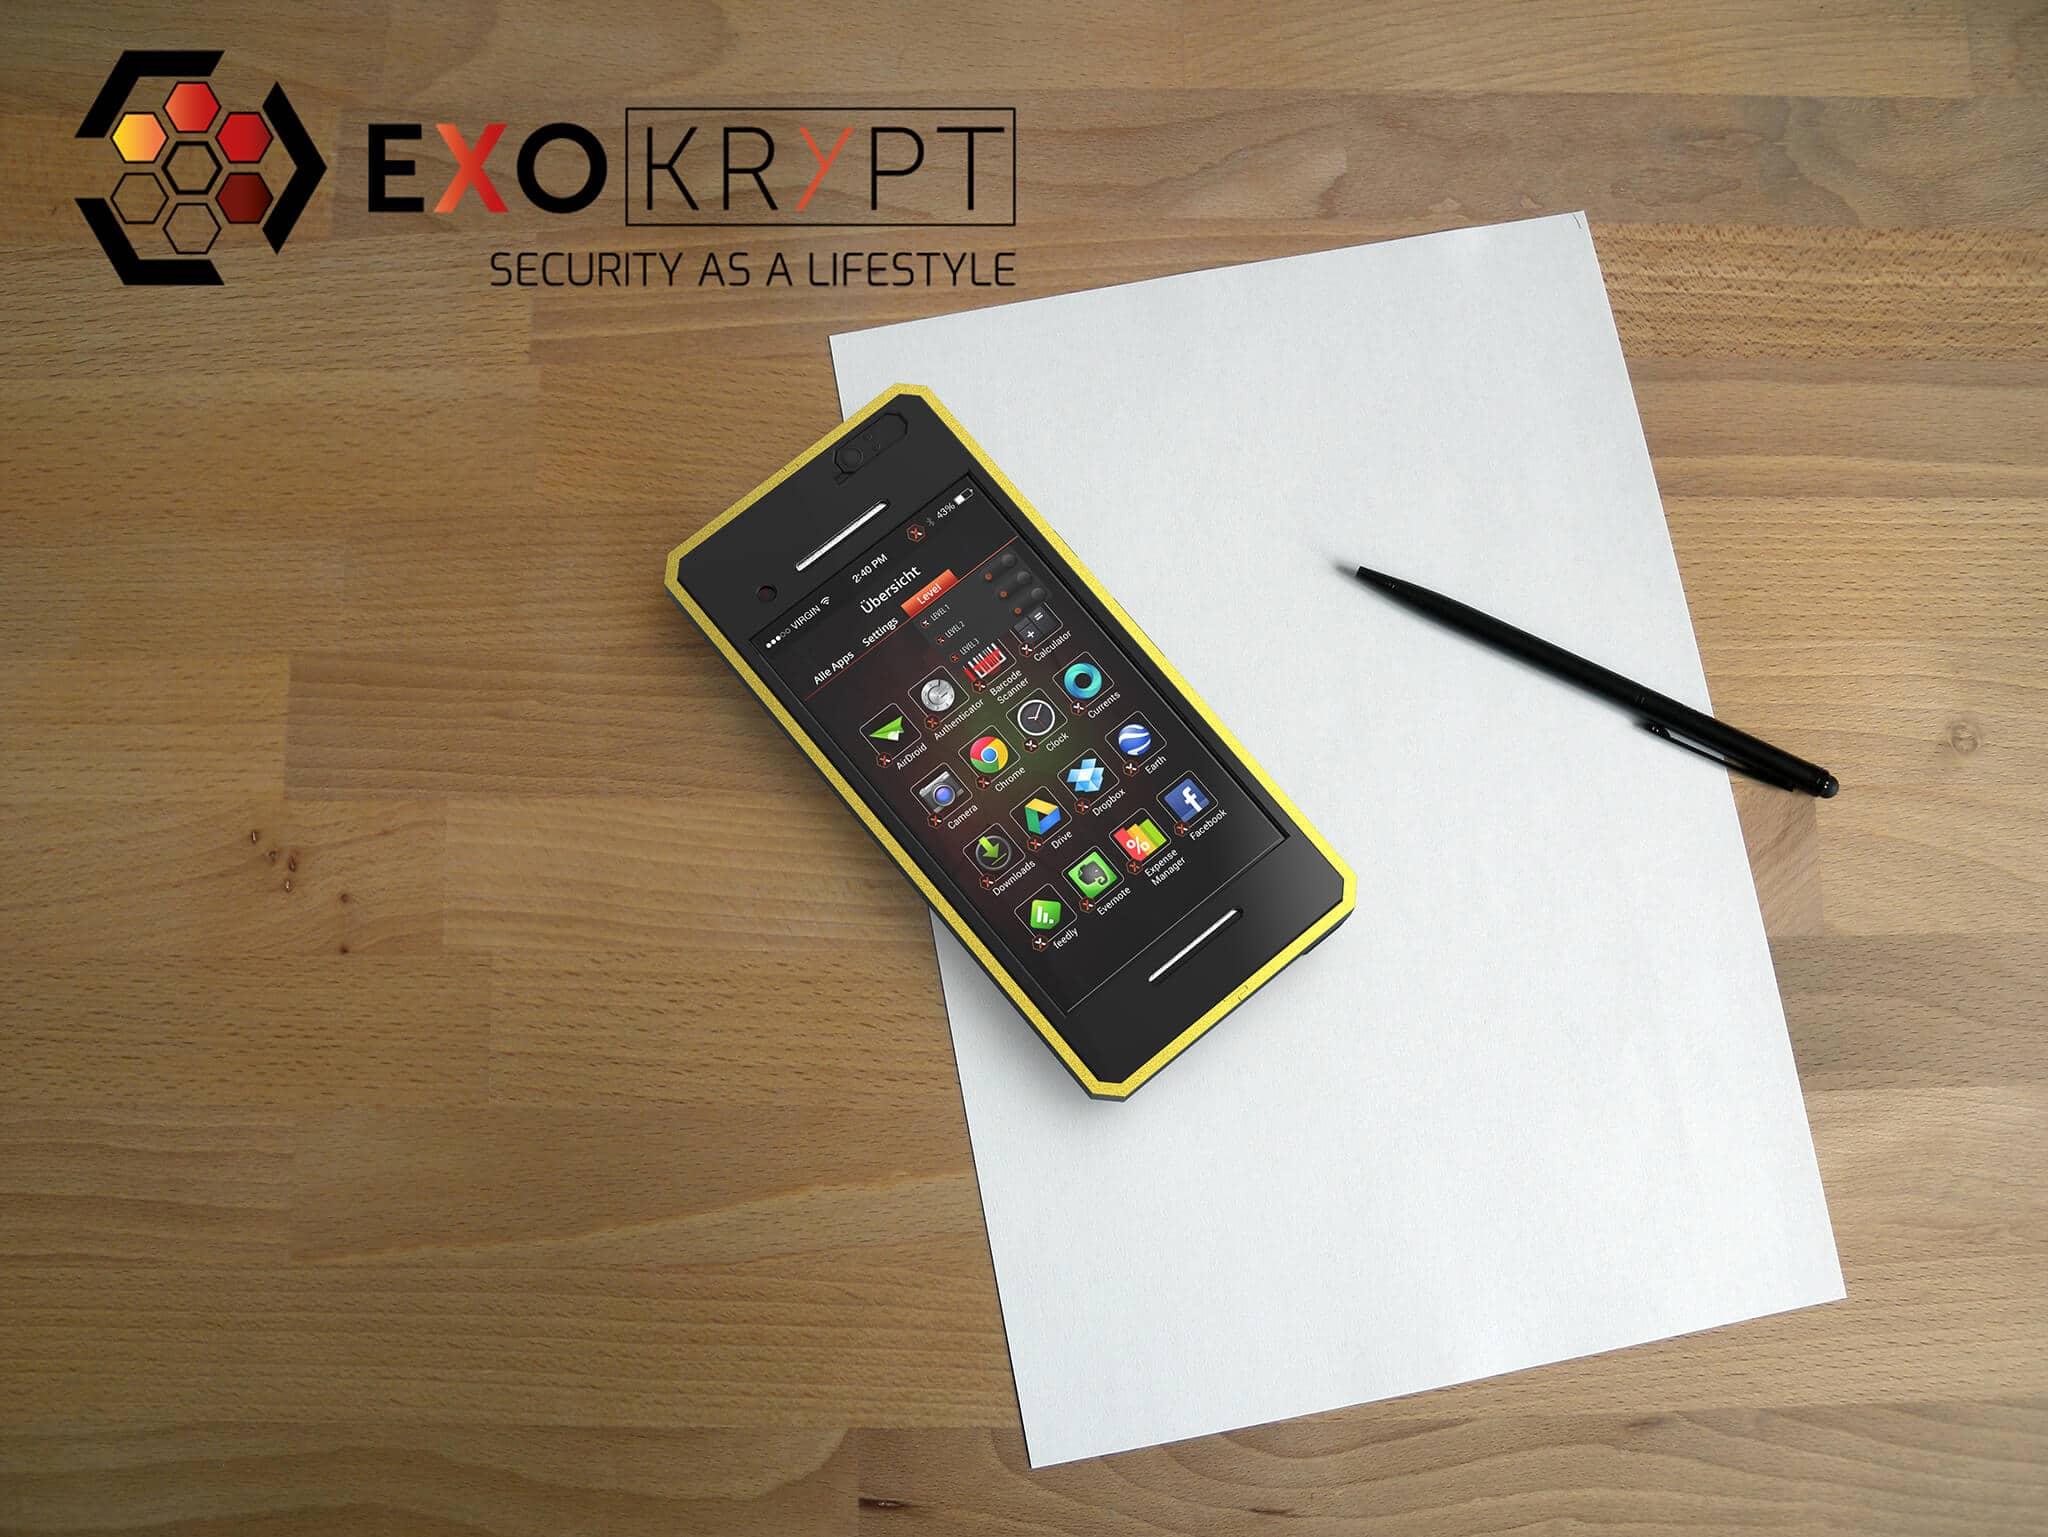 ExoShield BUSINESS Smartphone Case - Brushed Metal Frame - Gold auf einem Holztisch auf einem Papierblatt liegend mit Kugelschreiber daneben